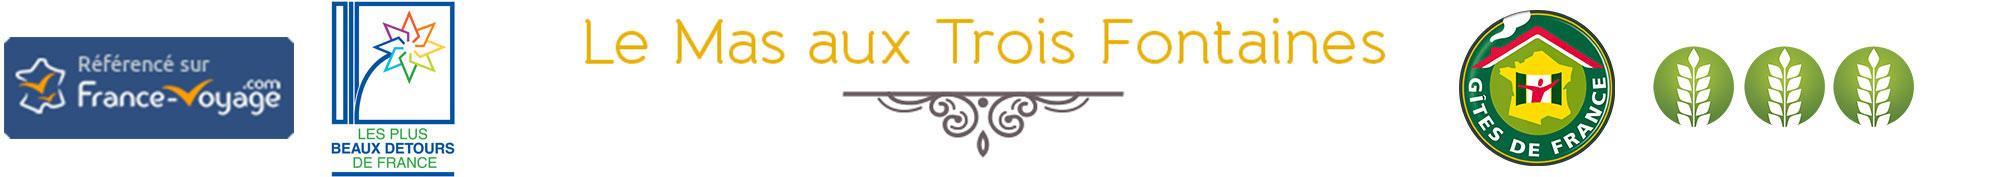 Le Mas aux Trois Fontaines gîtes chic et charme à Nyons